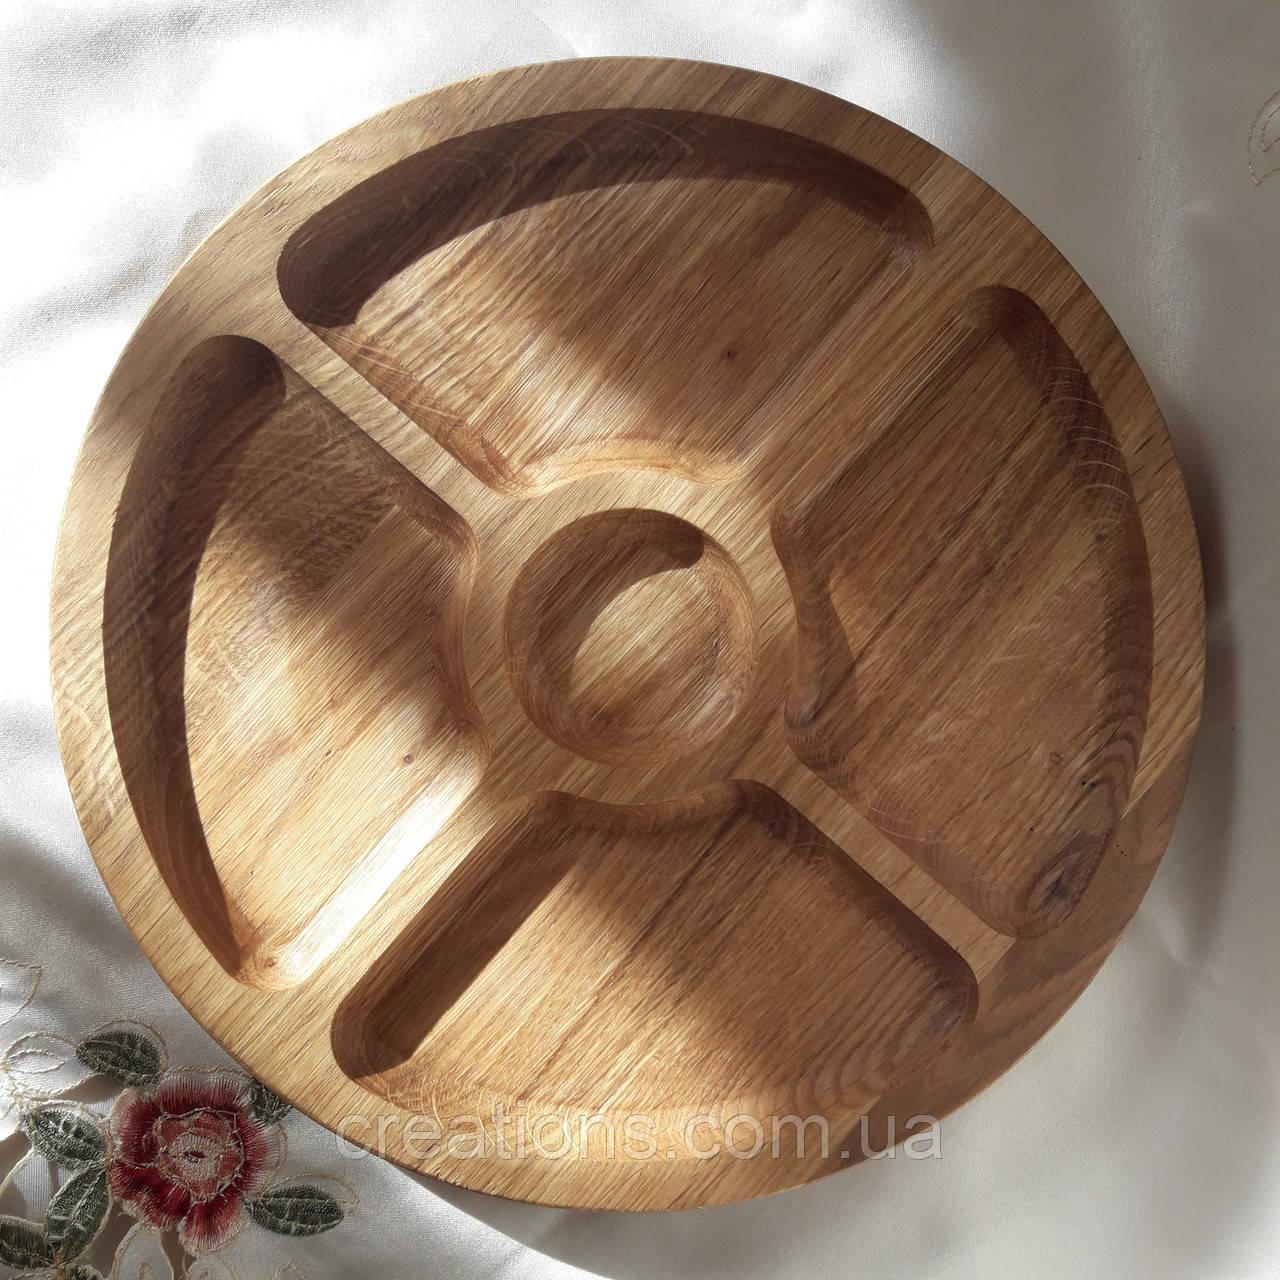 Менажниця дерев'яна дошка для подачі страв 30 см. кругла з дуба на 4 ділення з соусницей, двостороння